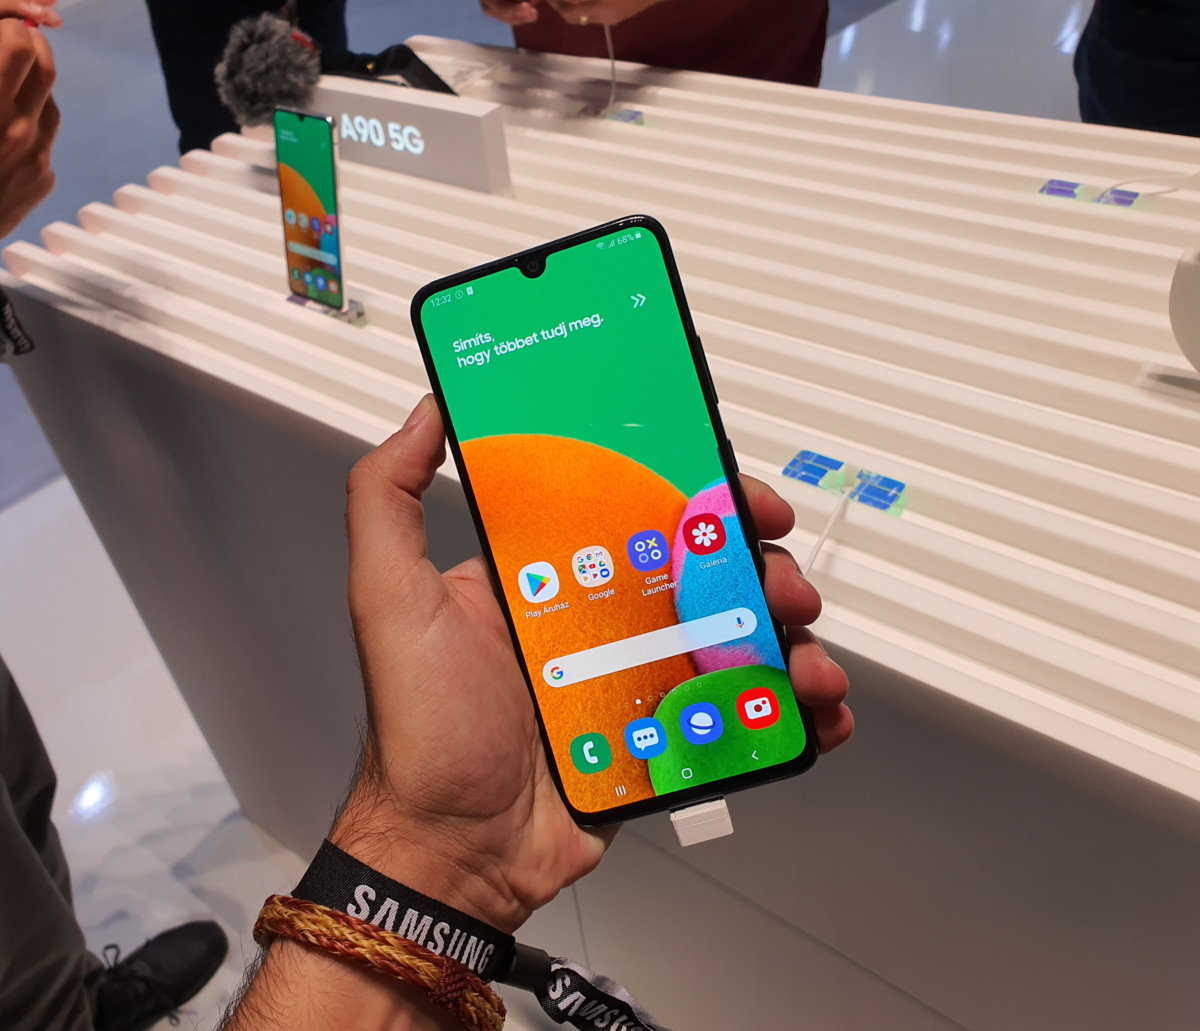 Prise en main du Samsung Galaxy A90 5G : quelles différences avec le Galaxy S10 ?